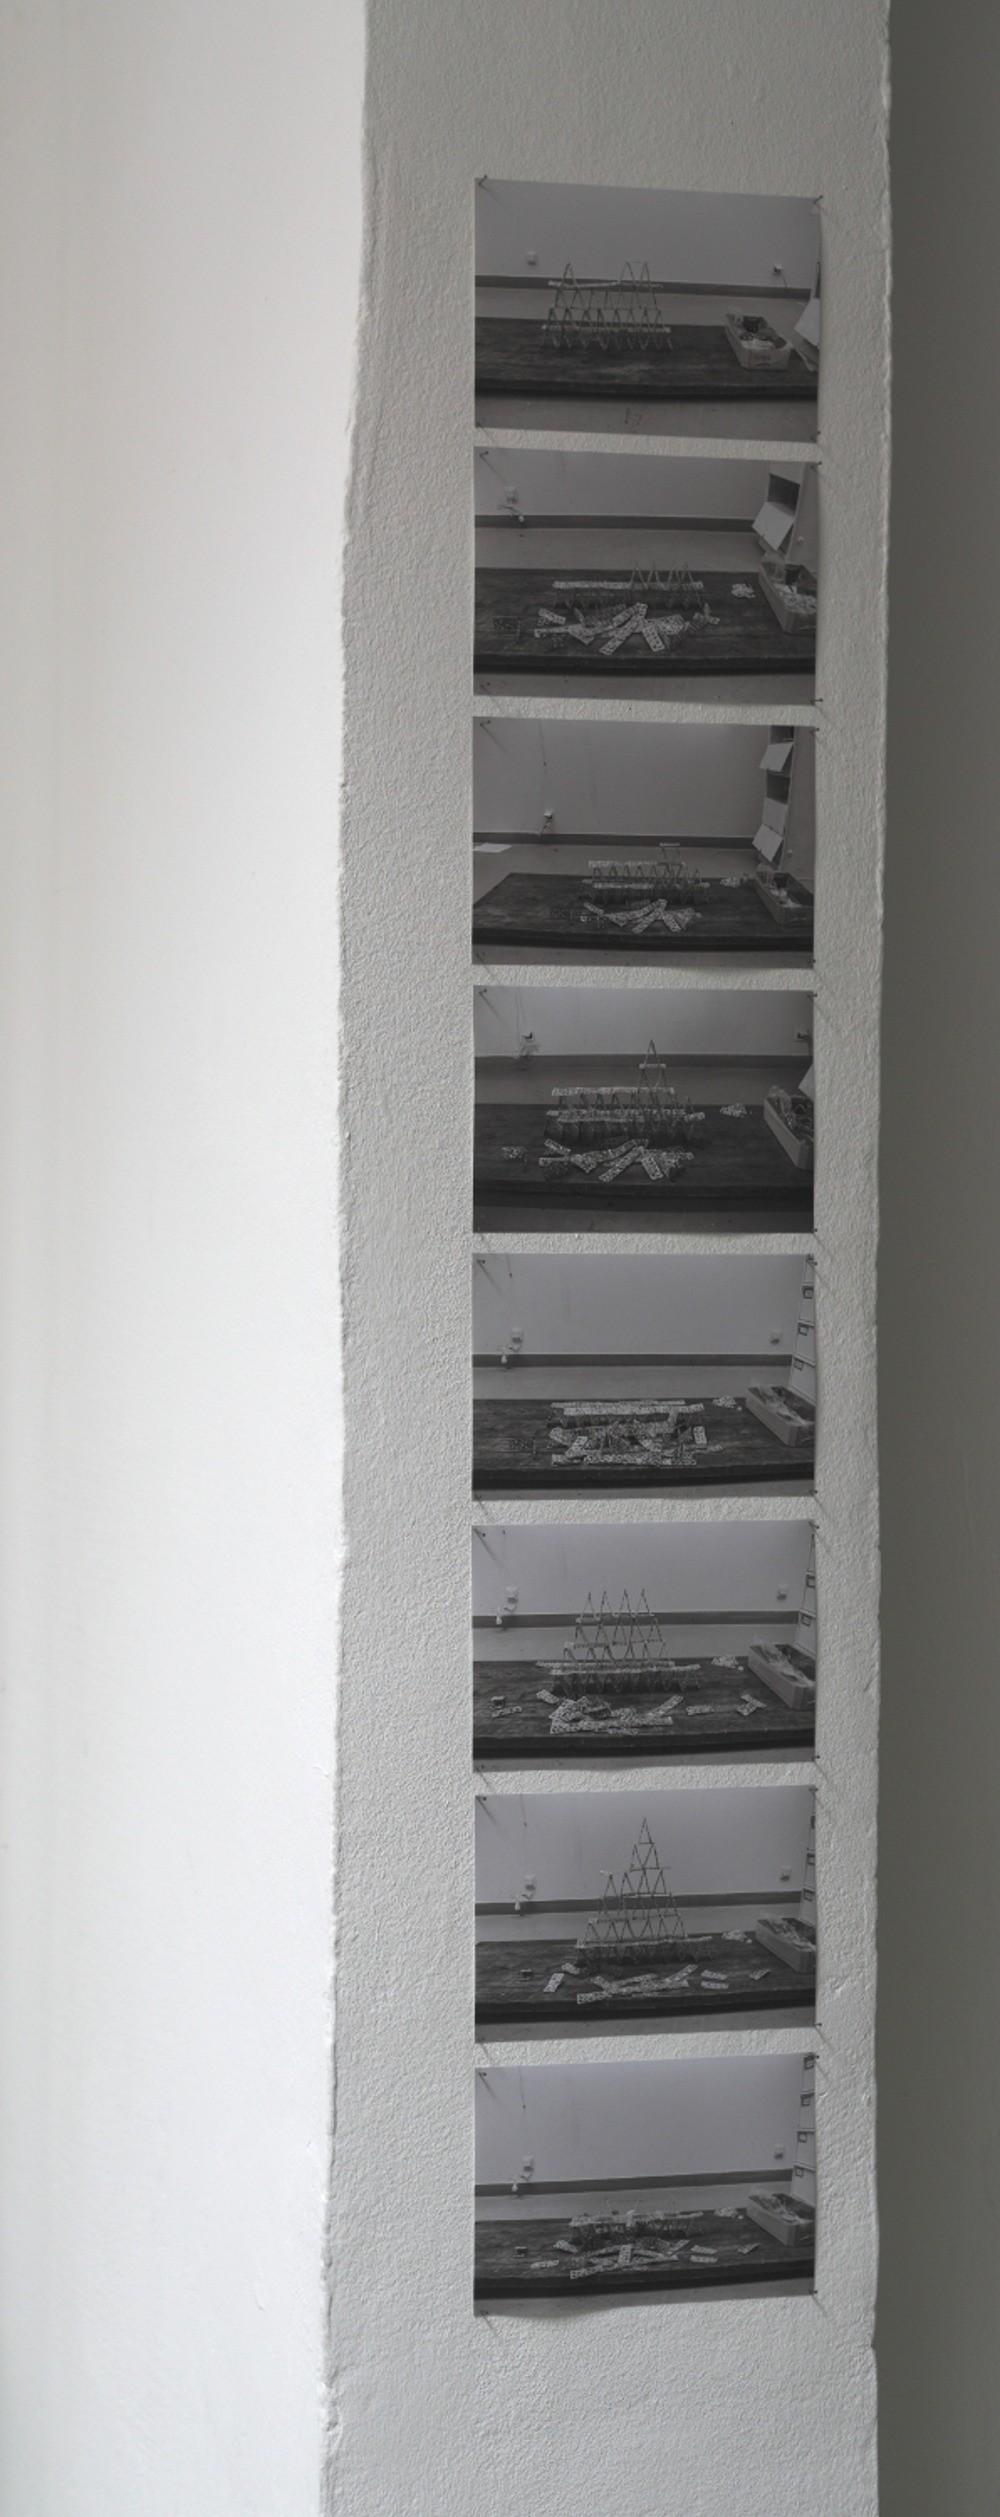 Guillaume Barth – Château LP 400 / Pigmentdruck auf Papier, je 12,3 x 18,6 cm, 2009